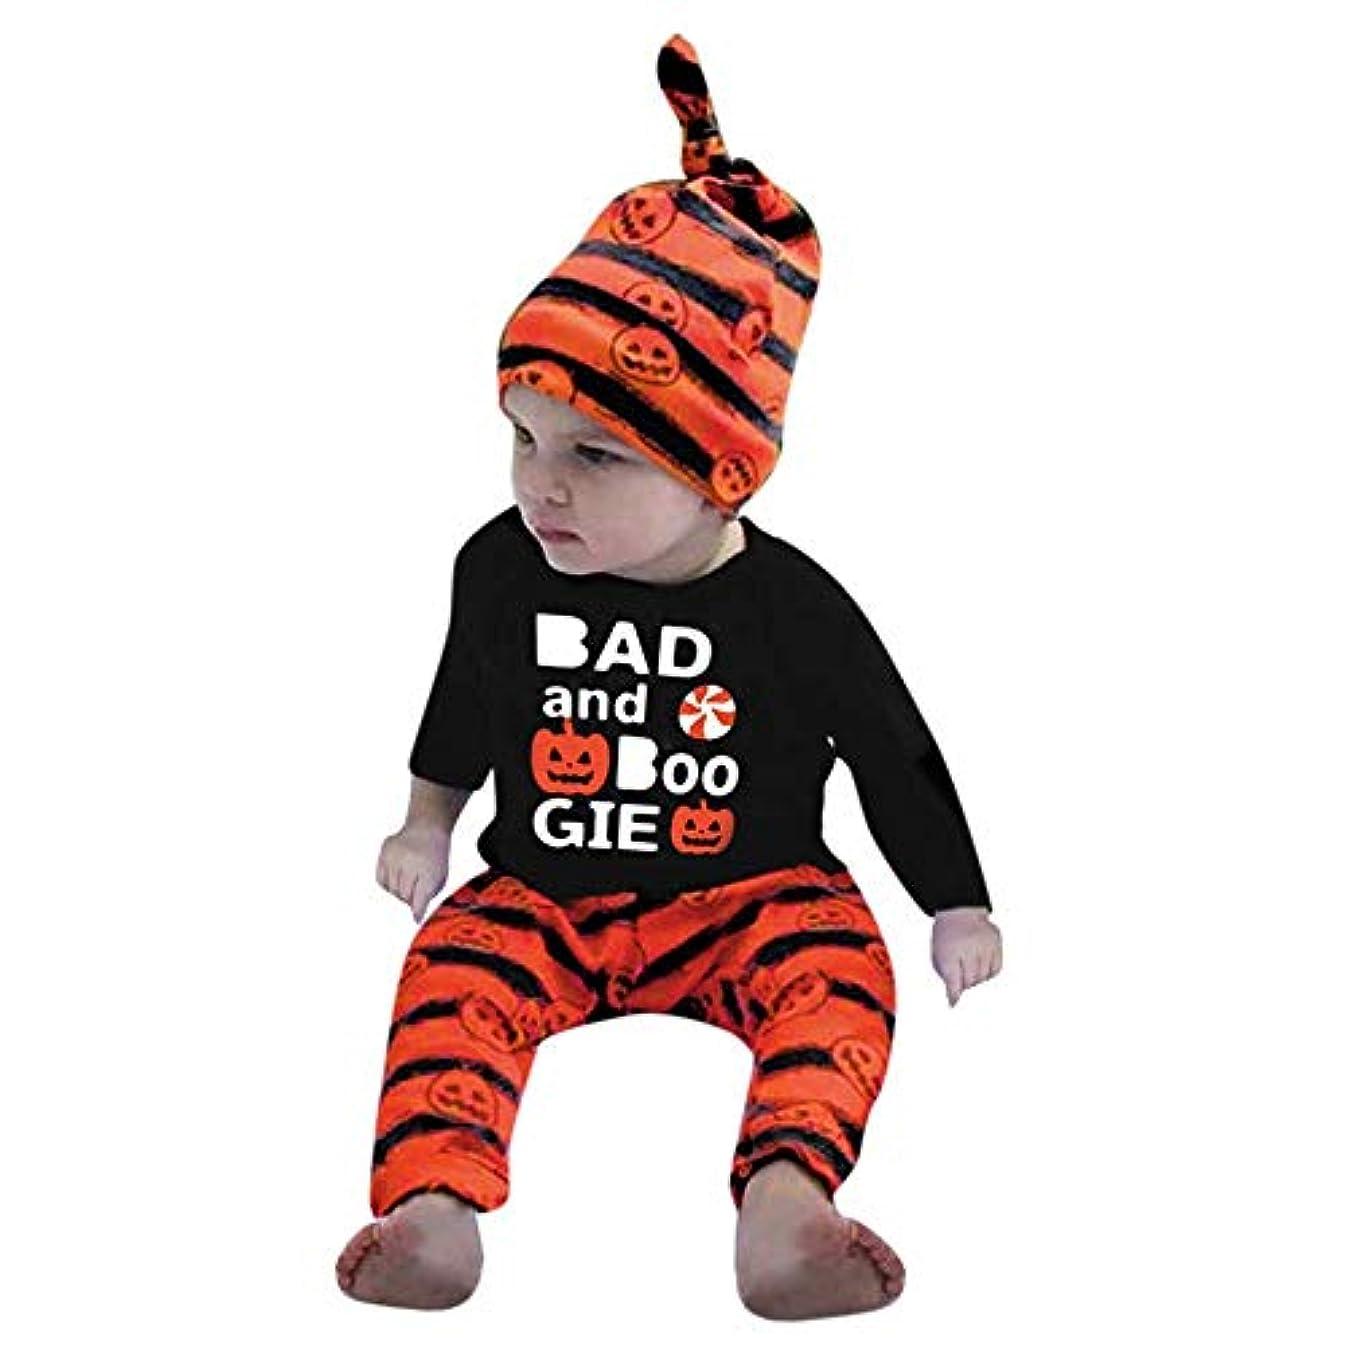 政治的によると消化器BHKK 幼児少年少女ロングスリーブプリントハロウィーンパンプキントップ+ストリップパンツ 3ヶ月 - 24ヶ月 12ヶ月